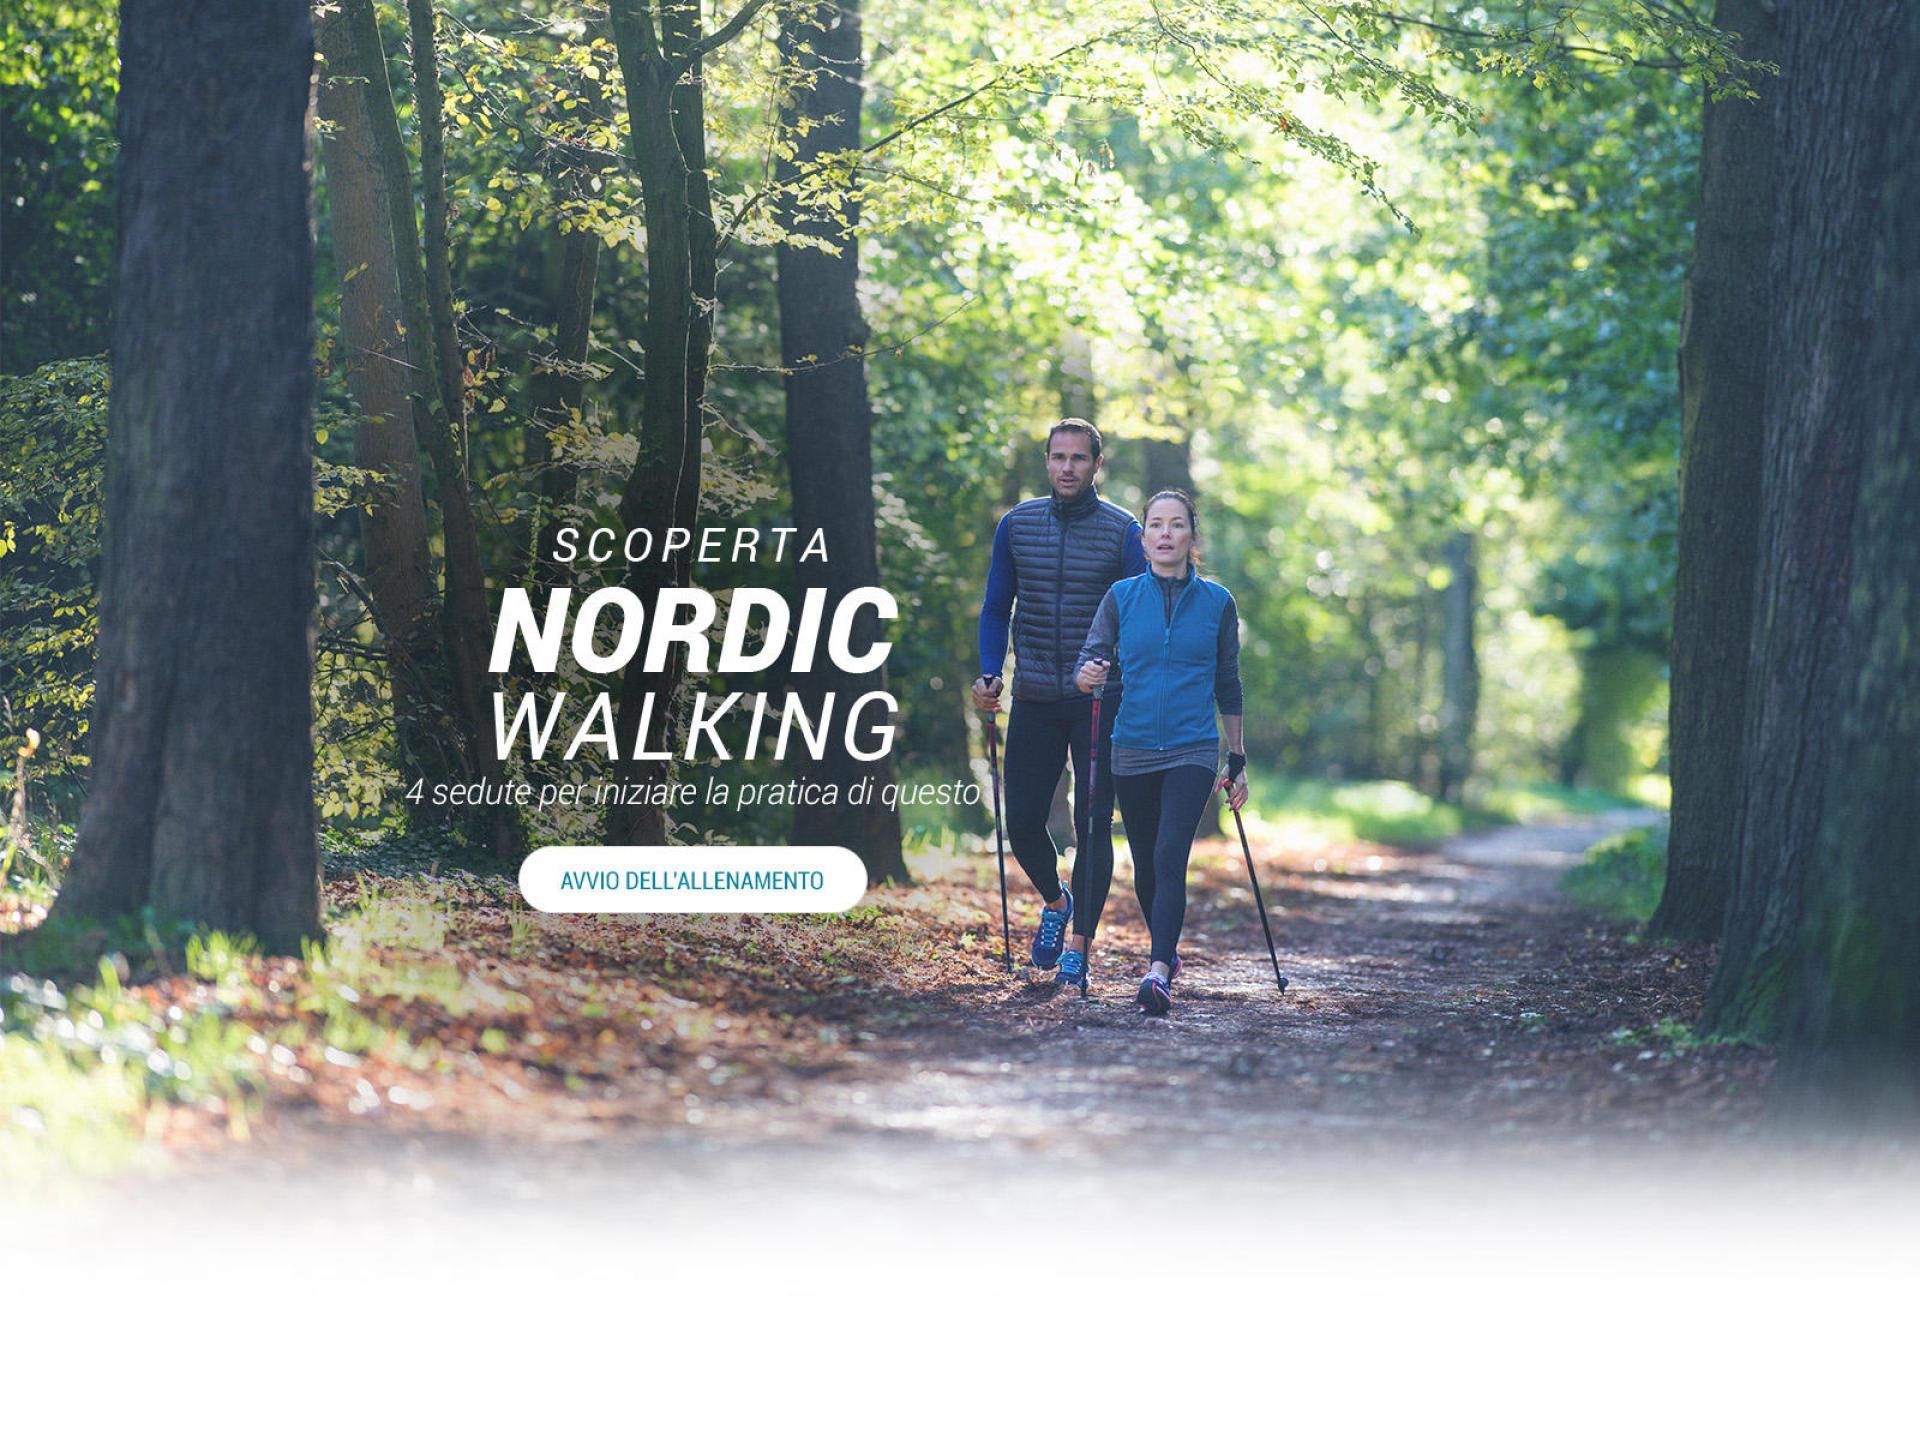 SCOPERTA DEL NORDIC-WALKING - 4 sedute per iniziare la pratica di questo sport